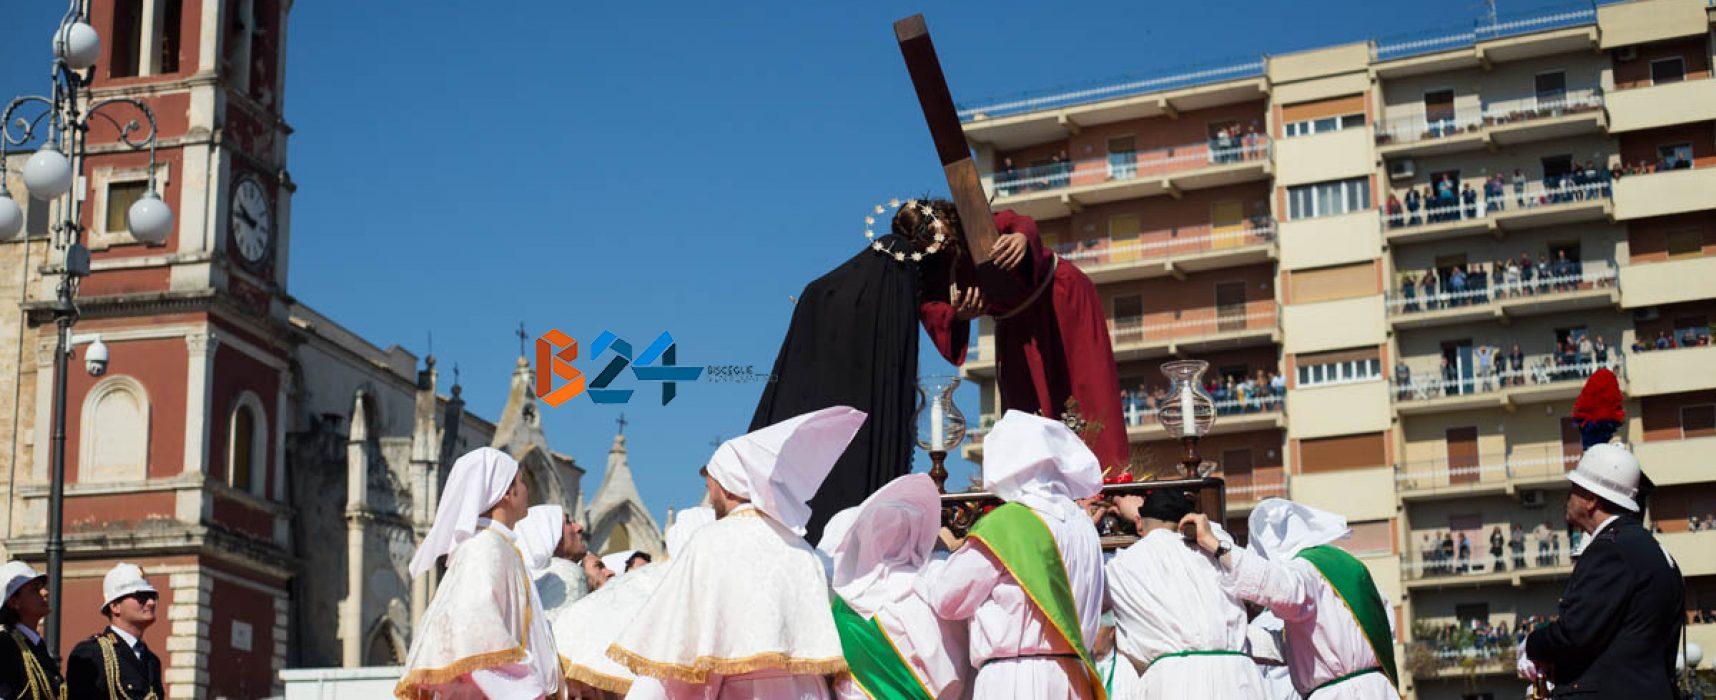 Settimana Santa, l'Incontro: l'ultimo straziante saluto di Maria al figlio Gesù / FOTO